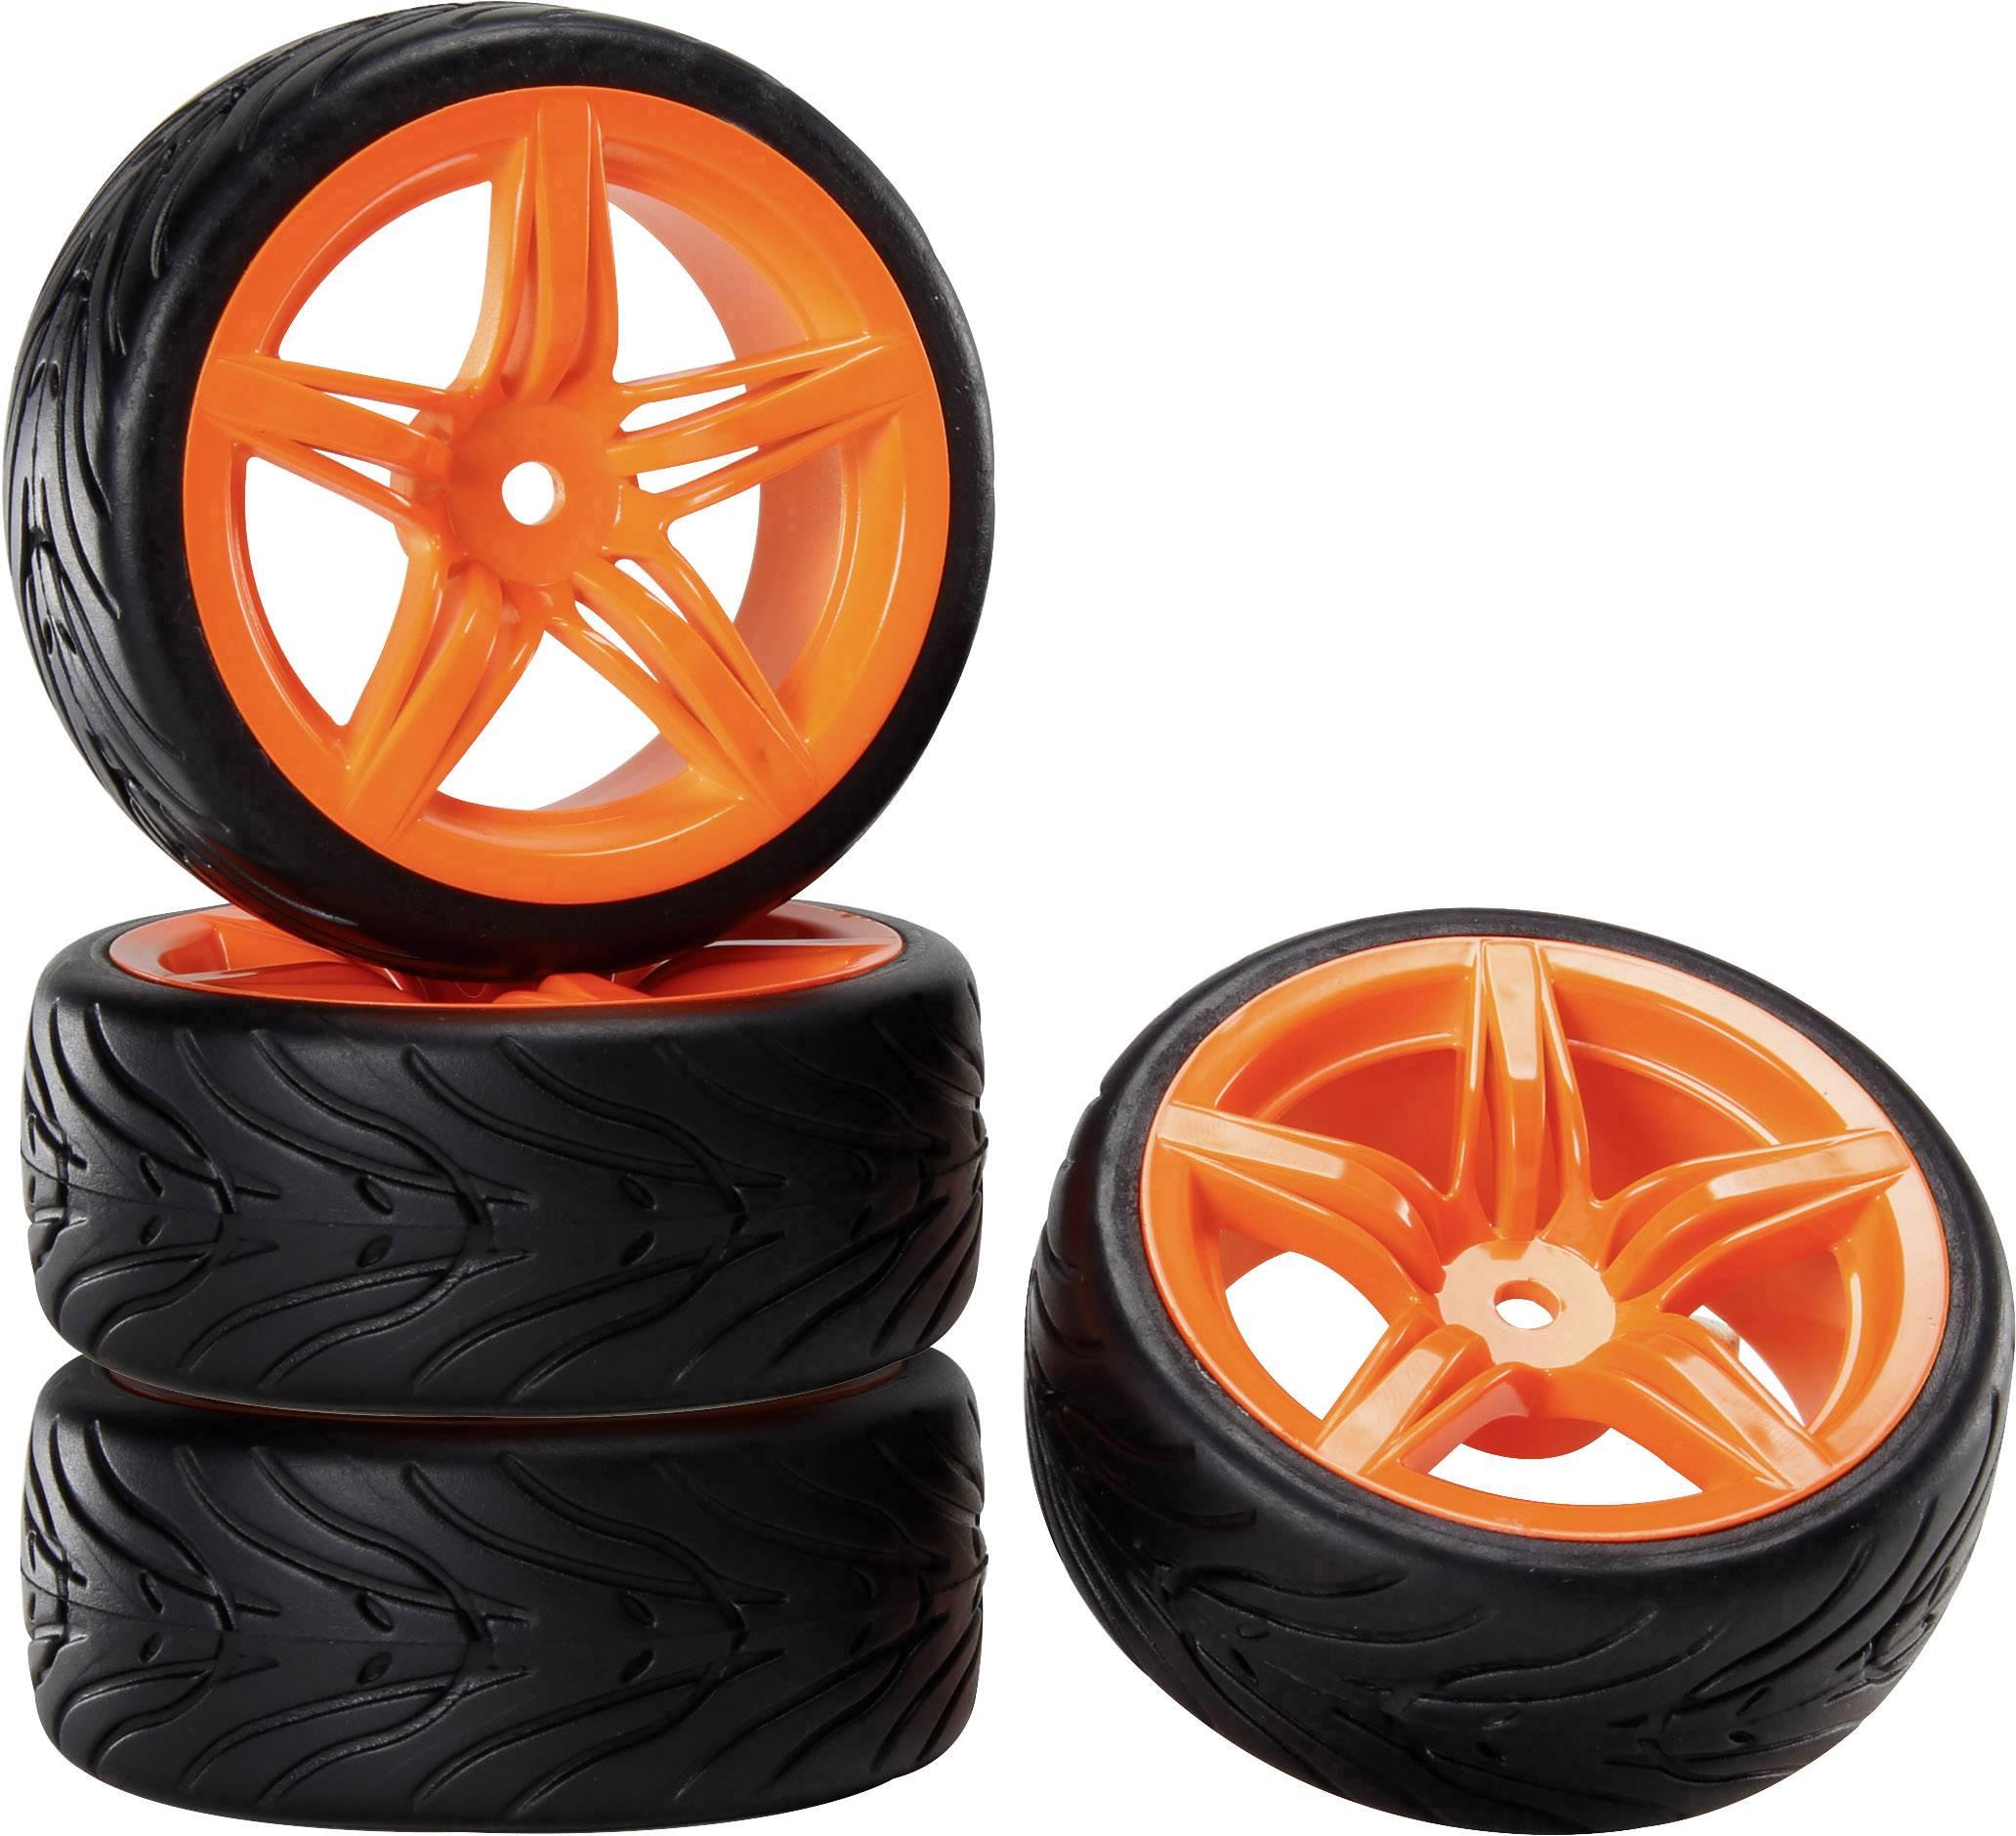 Kompletné kolesá pre cestné modely s ráfikmi a profilom pneumatík (12FO + Devil) Reely